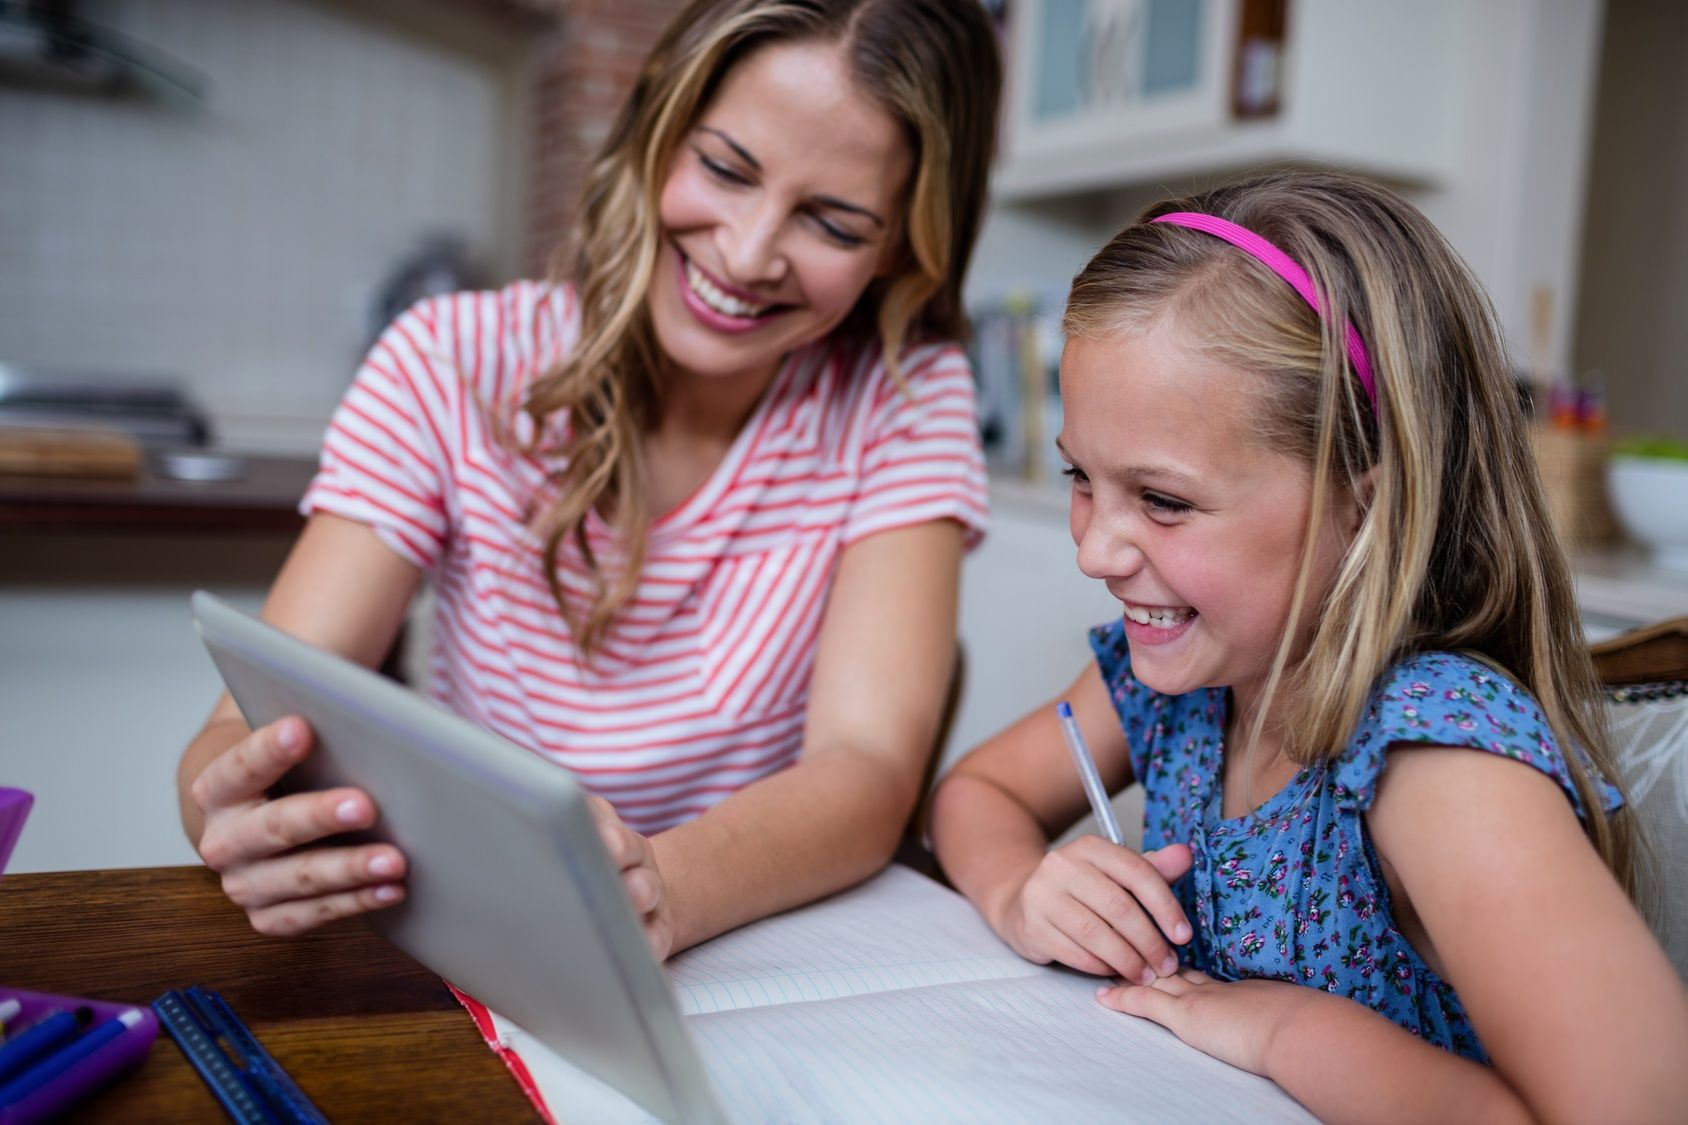 Gesellschaft für digitale Bildung: Lernen mit Konzept und System